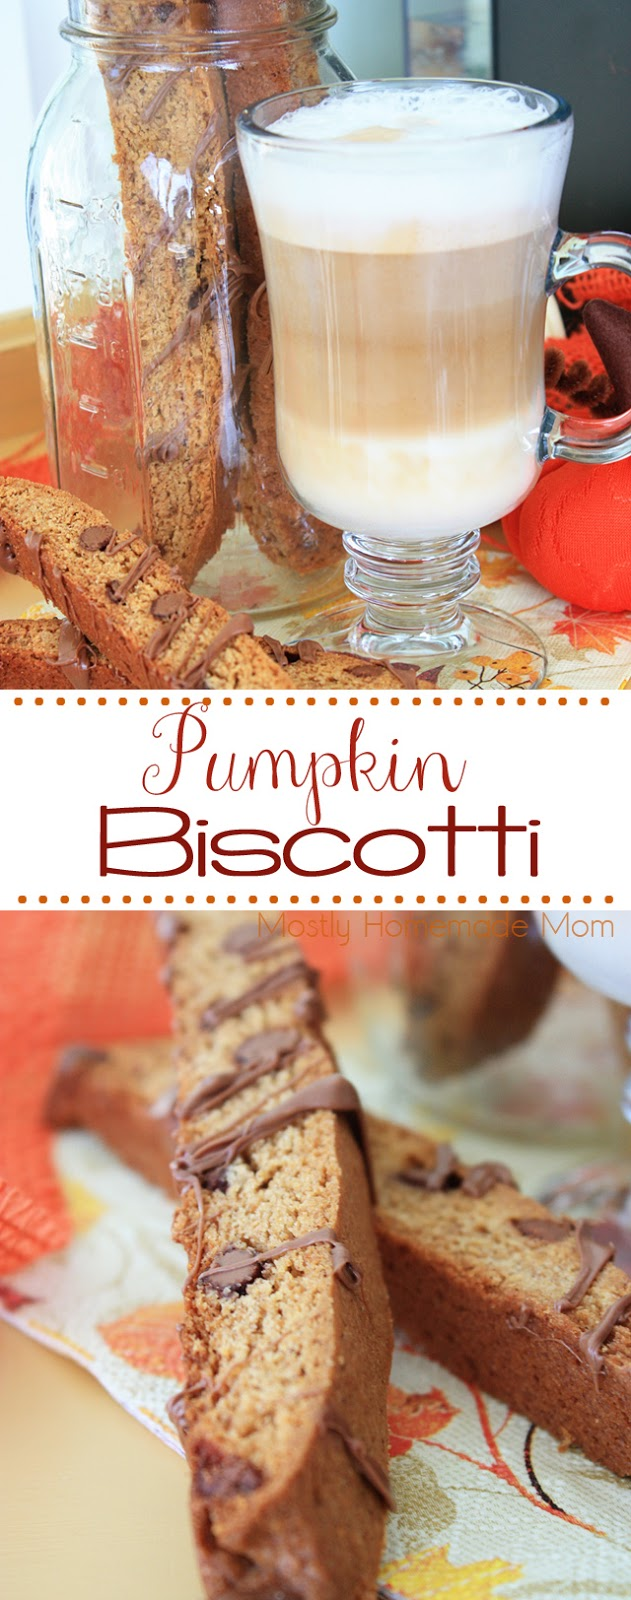 best pumpkin biscotti recipe